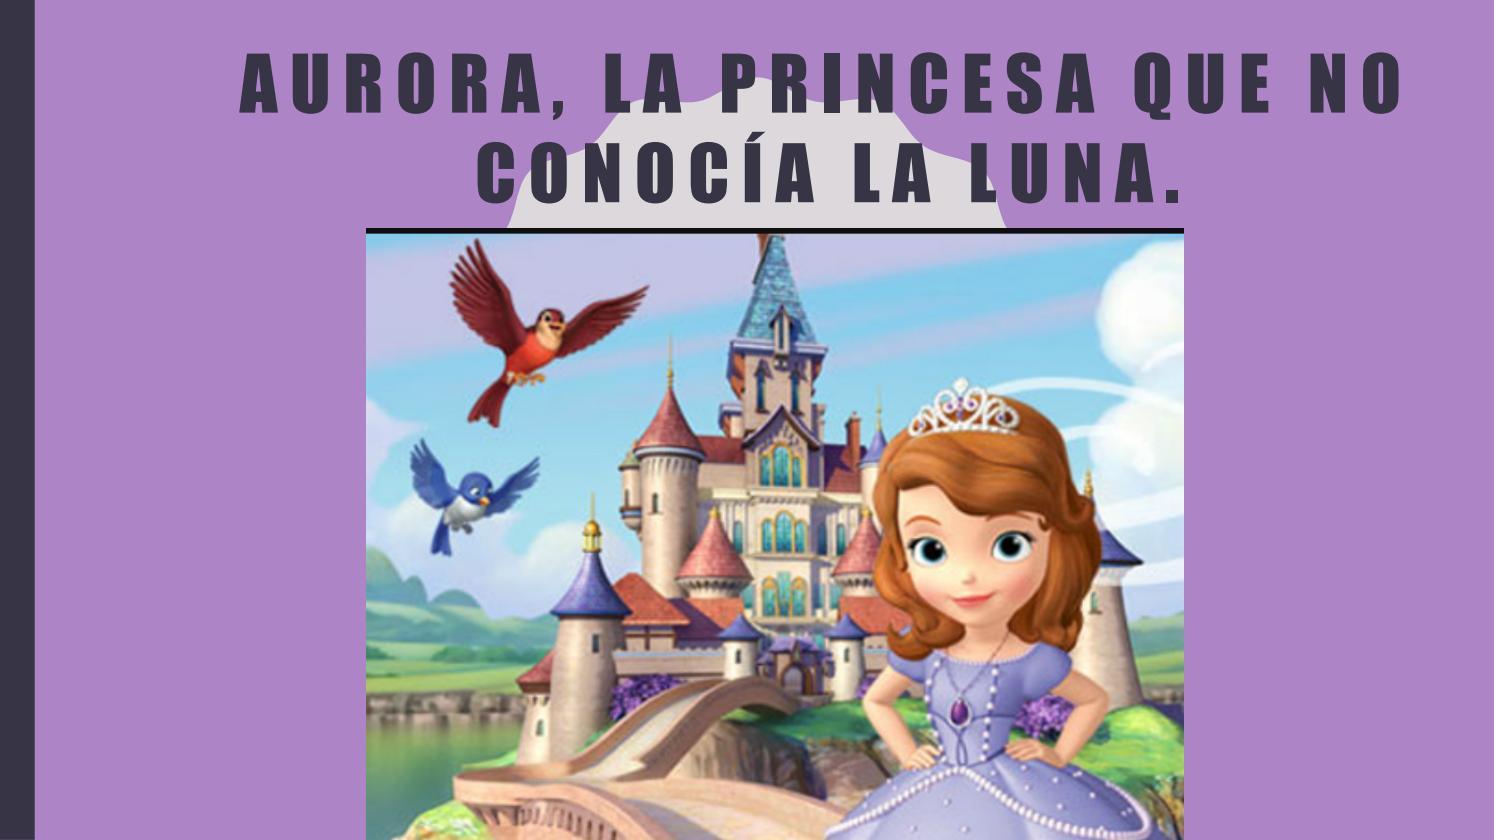 Aurora La Princesa Que No Conocia La Luna By Aldana Bernal Issuu